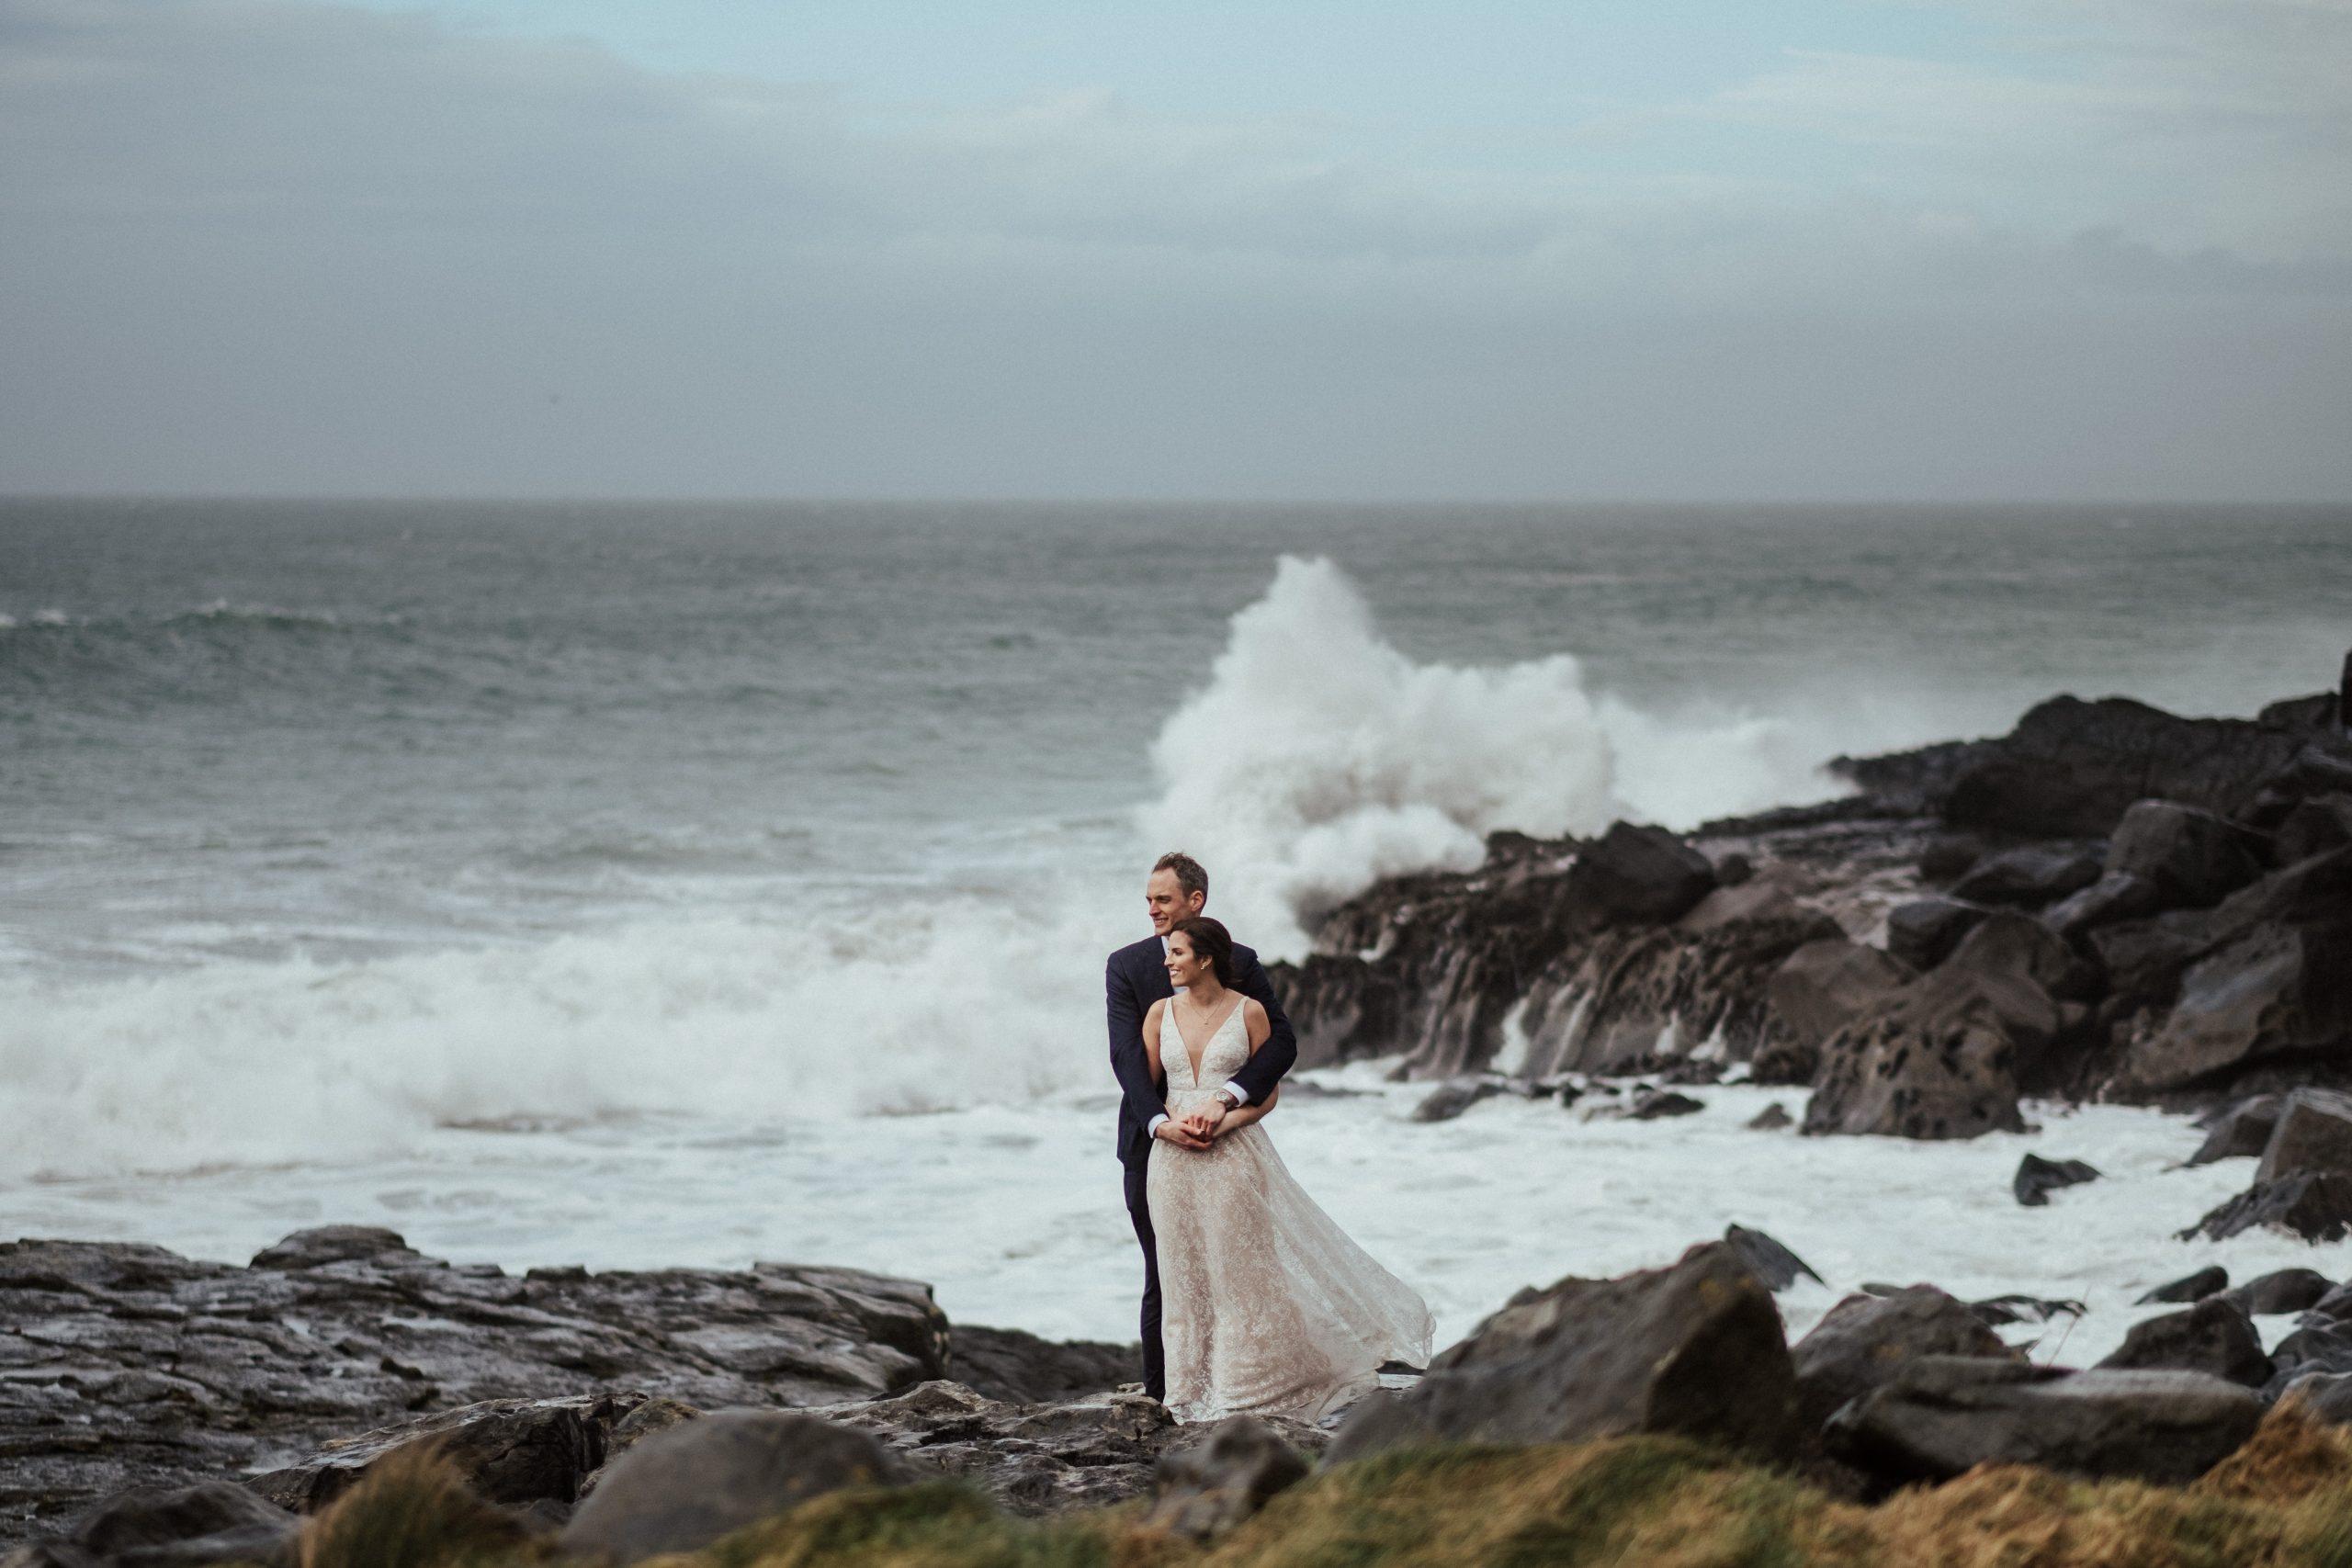 wedding in Doolin co Clare Ireland elopement